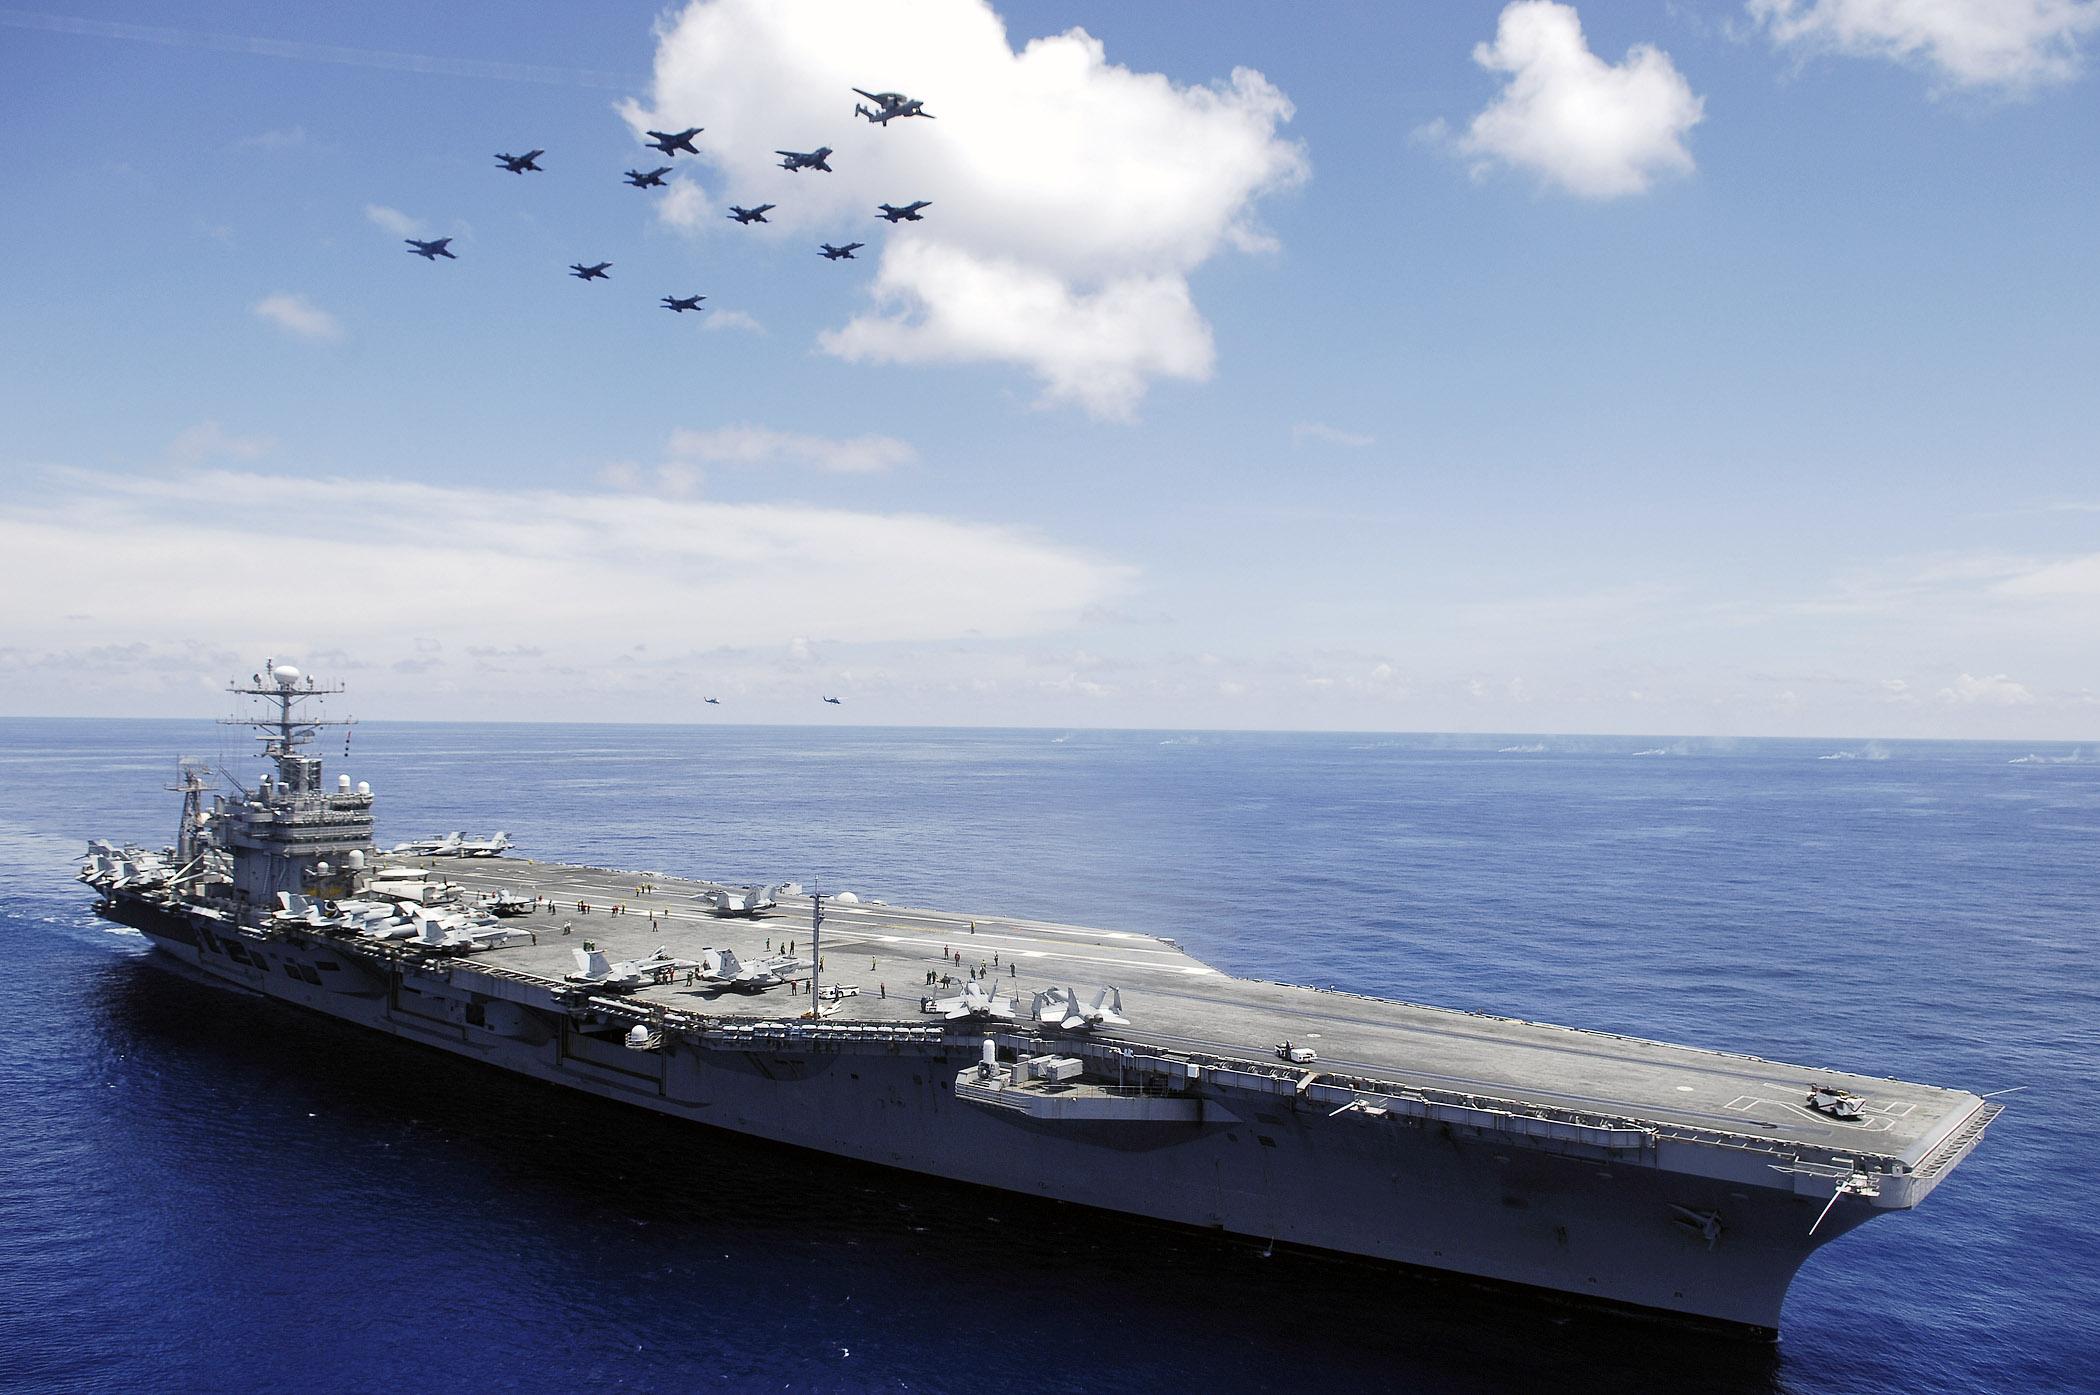 Spanningen in de Zuid-Chinese Zee: onbenullige eilandjes of mondiale machtsverschuivingen?